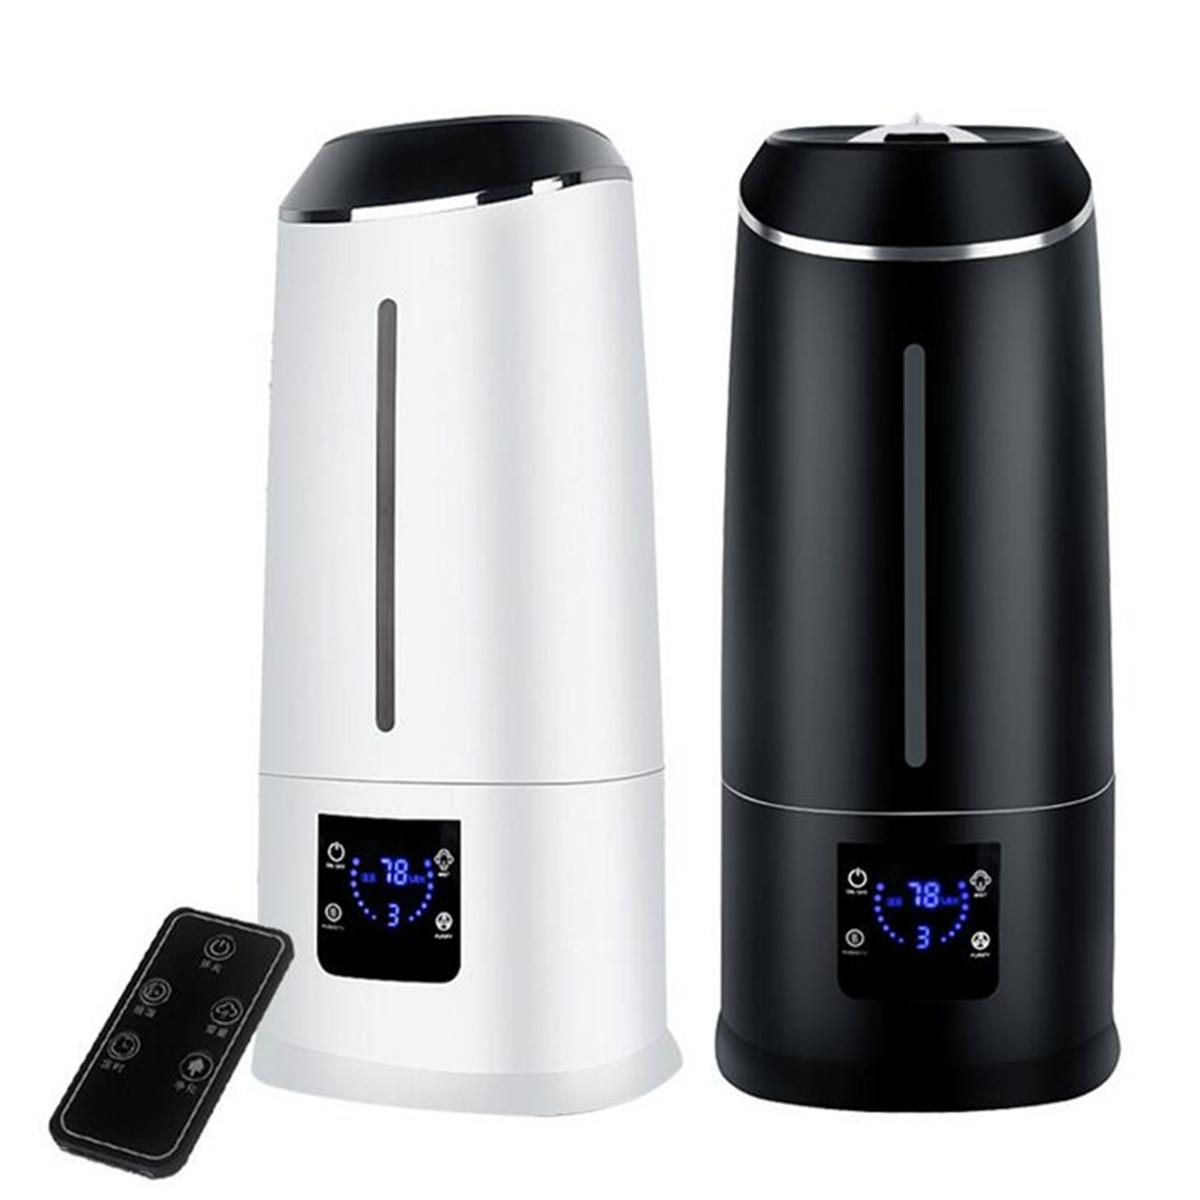 6.5L Smart Ultraschall Luft Verdunstungsbefeuchter Fernbedienung Aroma Diffusor LCD Screen Nebel Maker Fogger Timing Luftreiniger